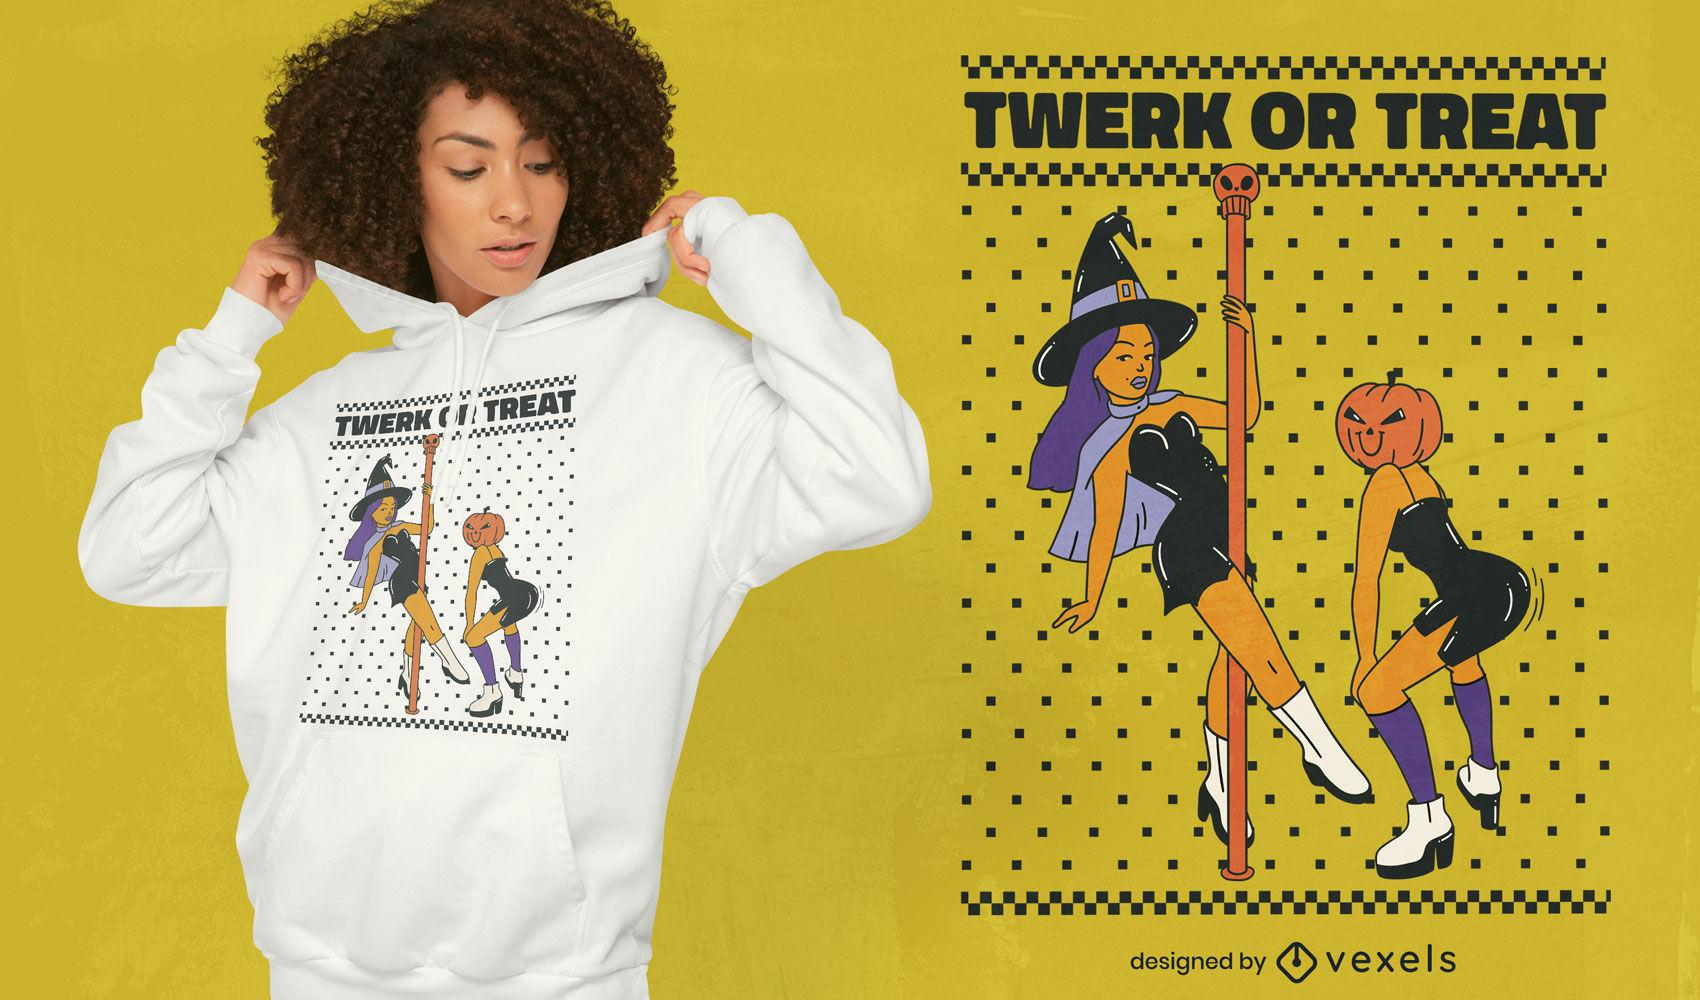 Halloween twerk or treat t-shirt design